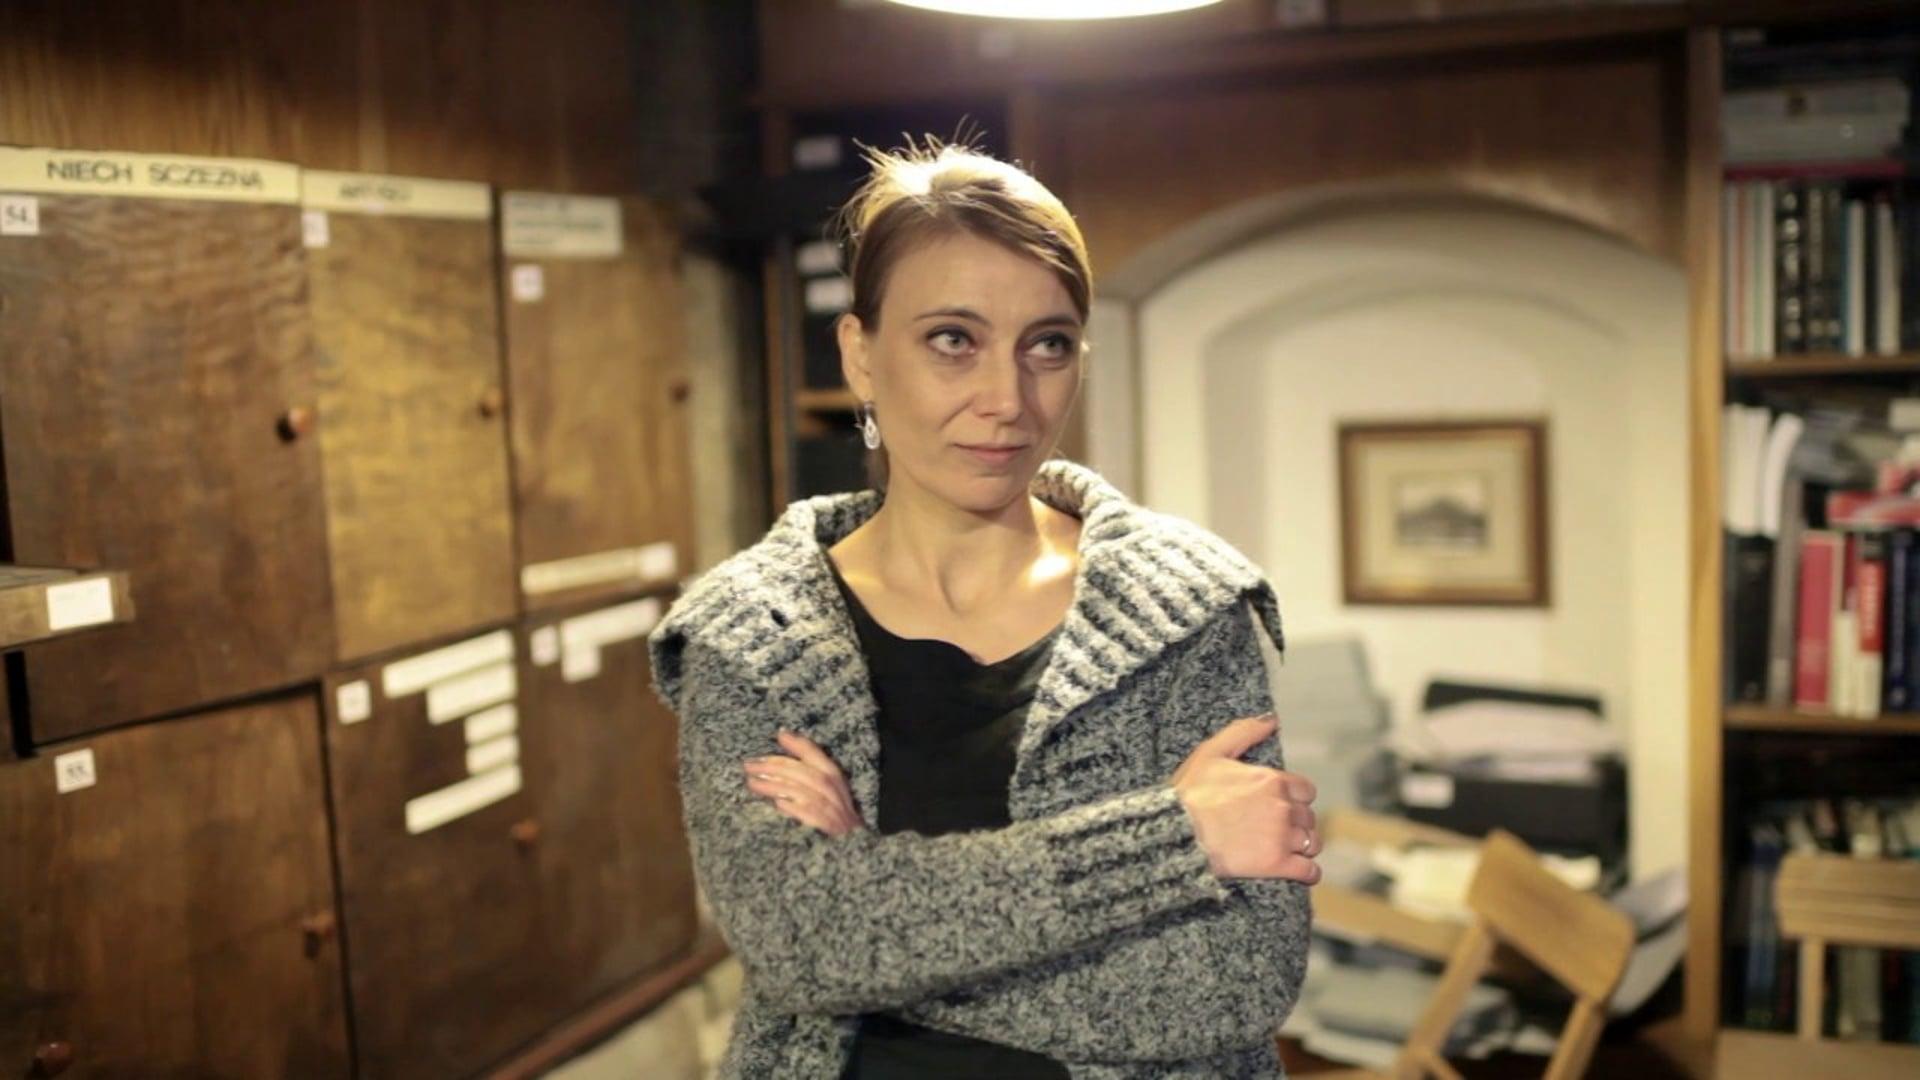 Liz and Z visit Tadeusz Kantor's archive in Kraków